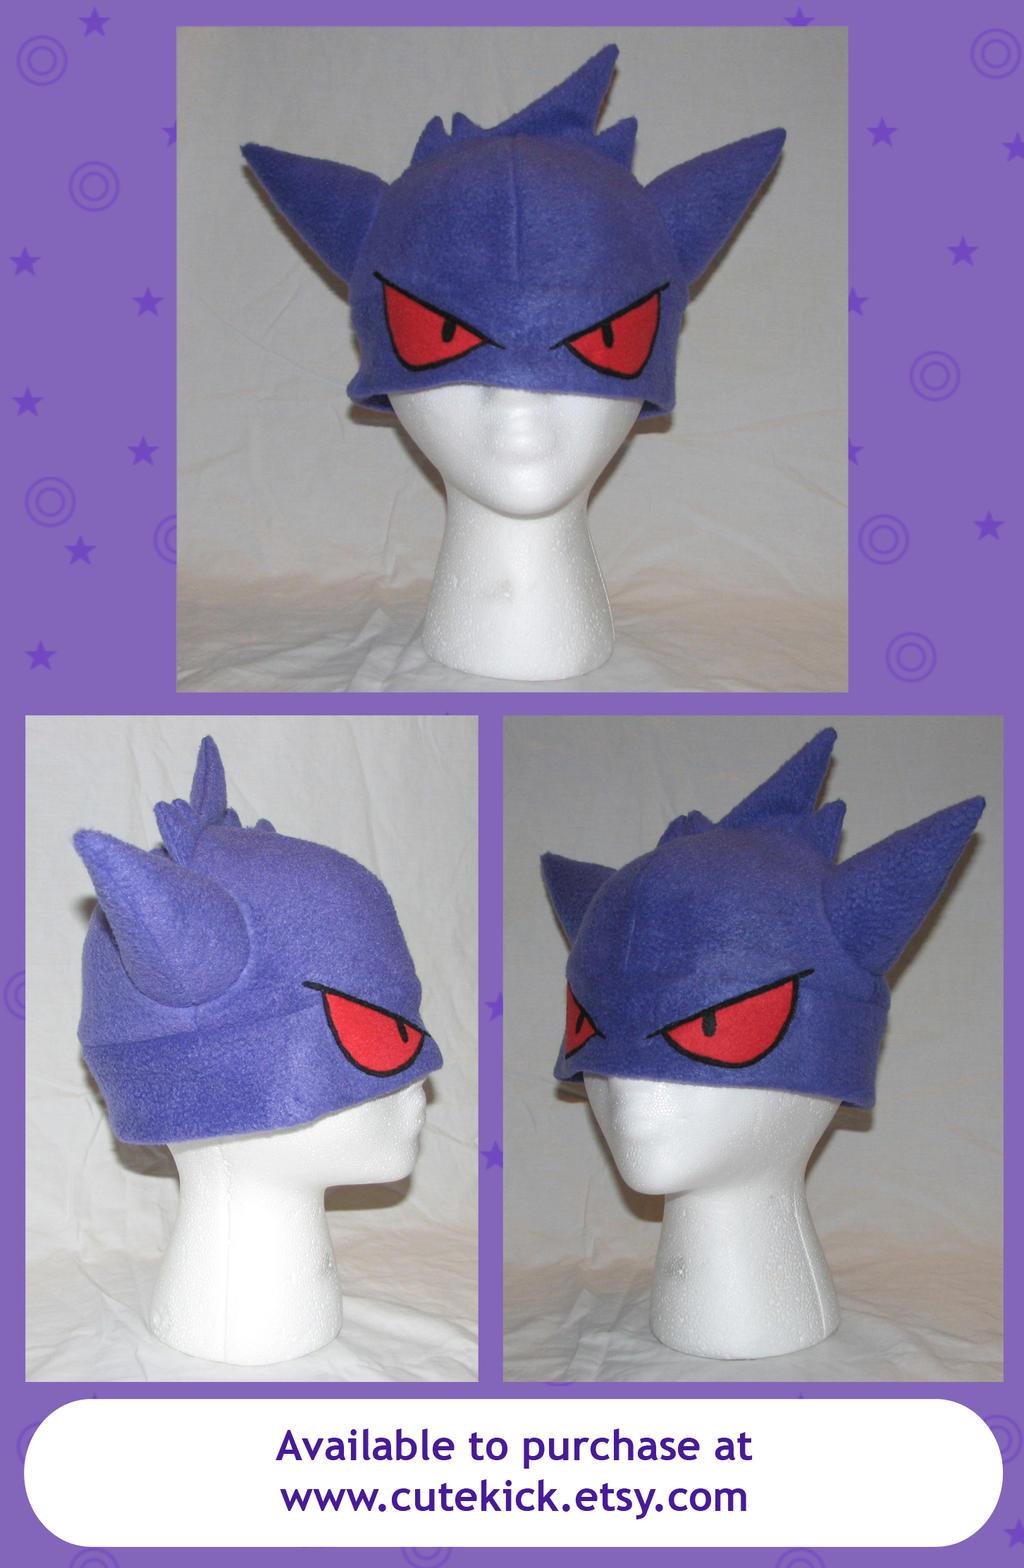 Gengar Pokemon Hat with eyes by cutekick